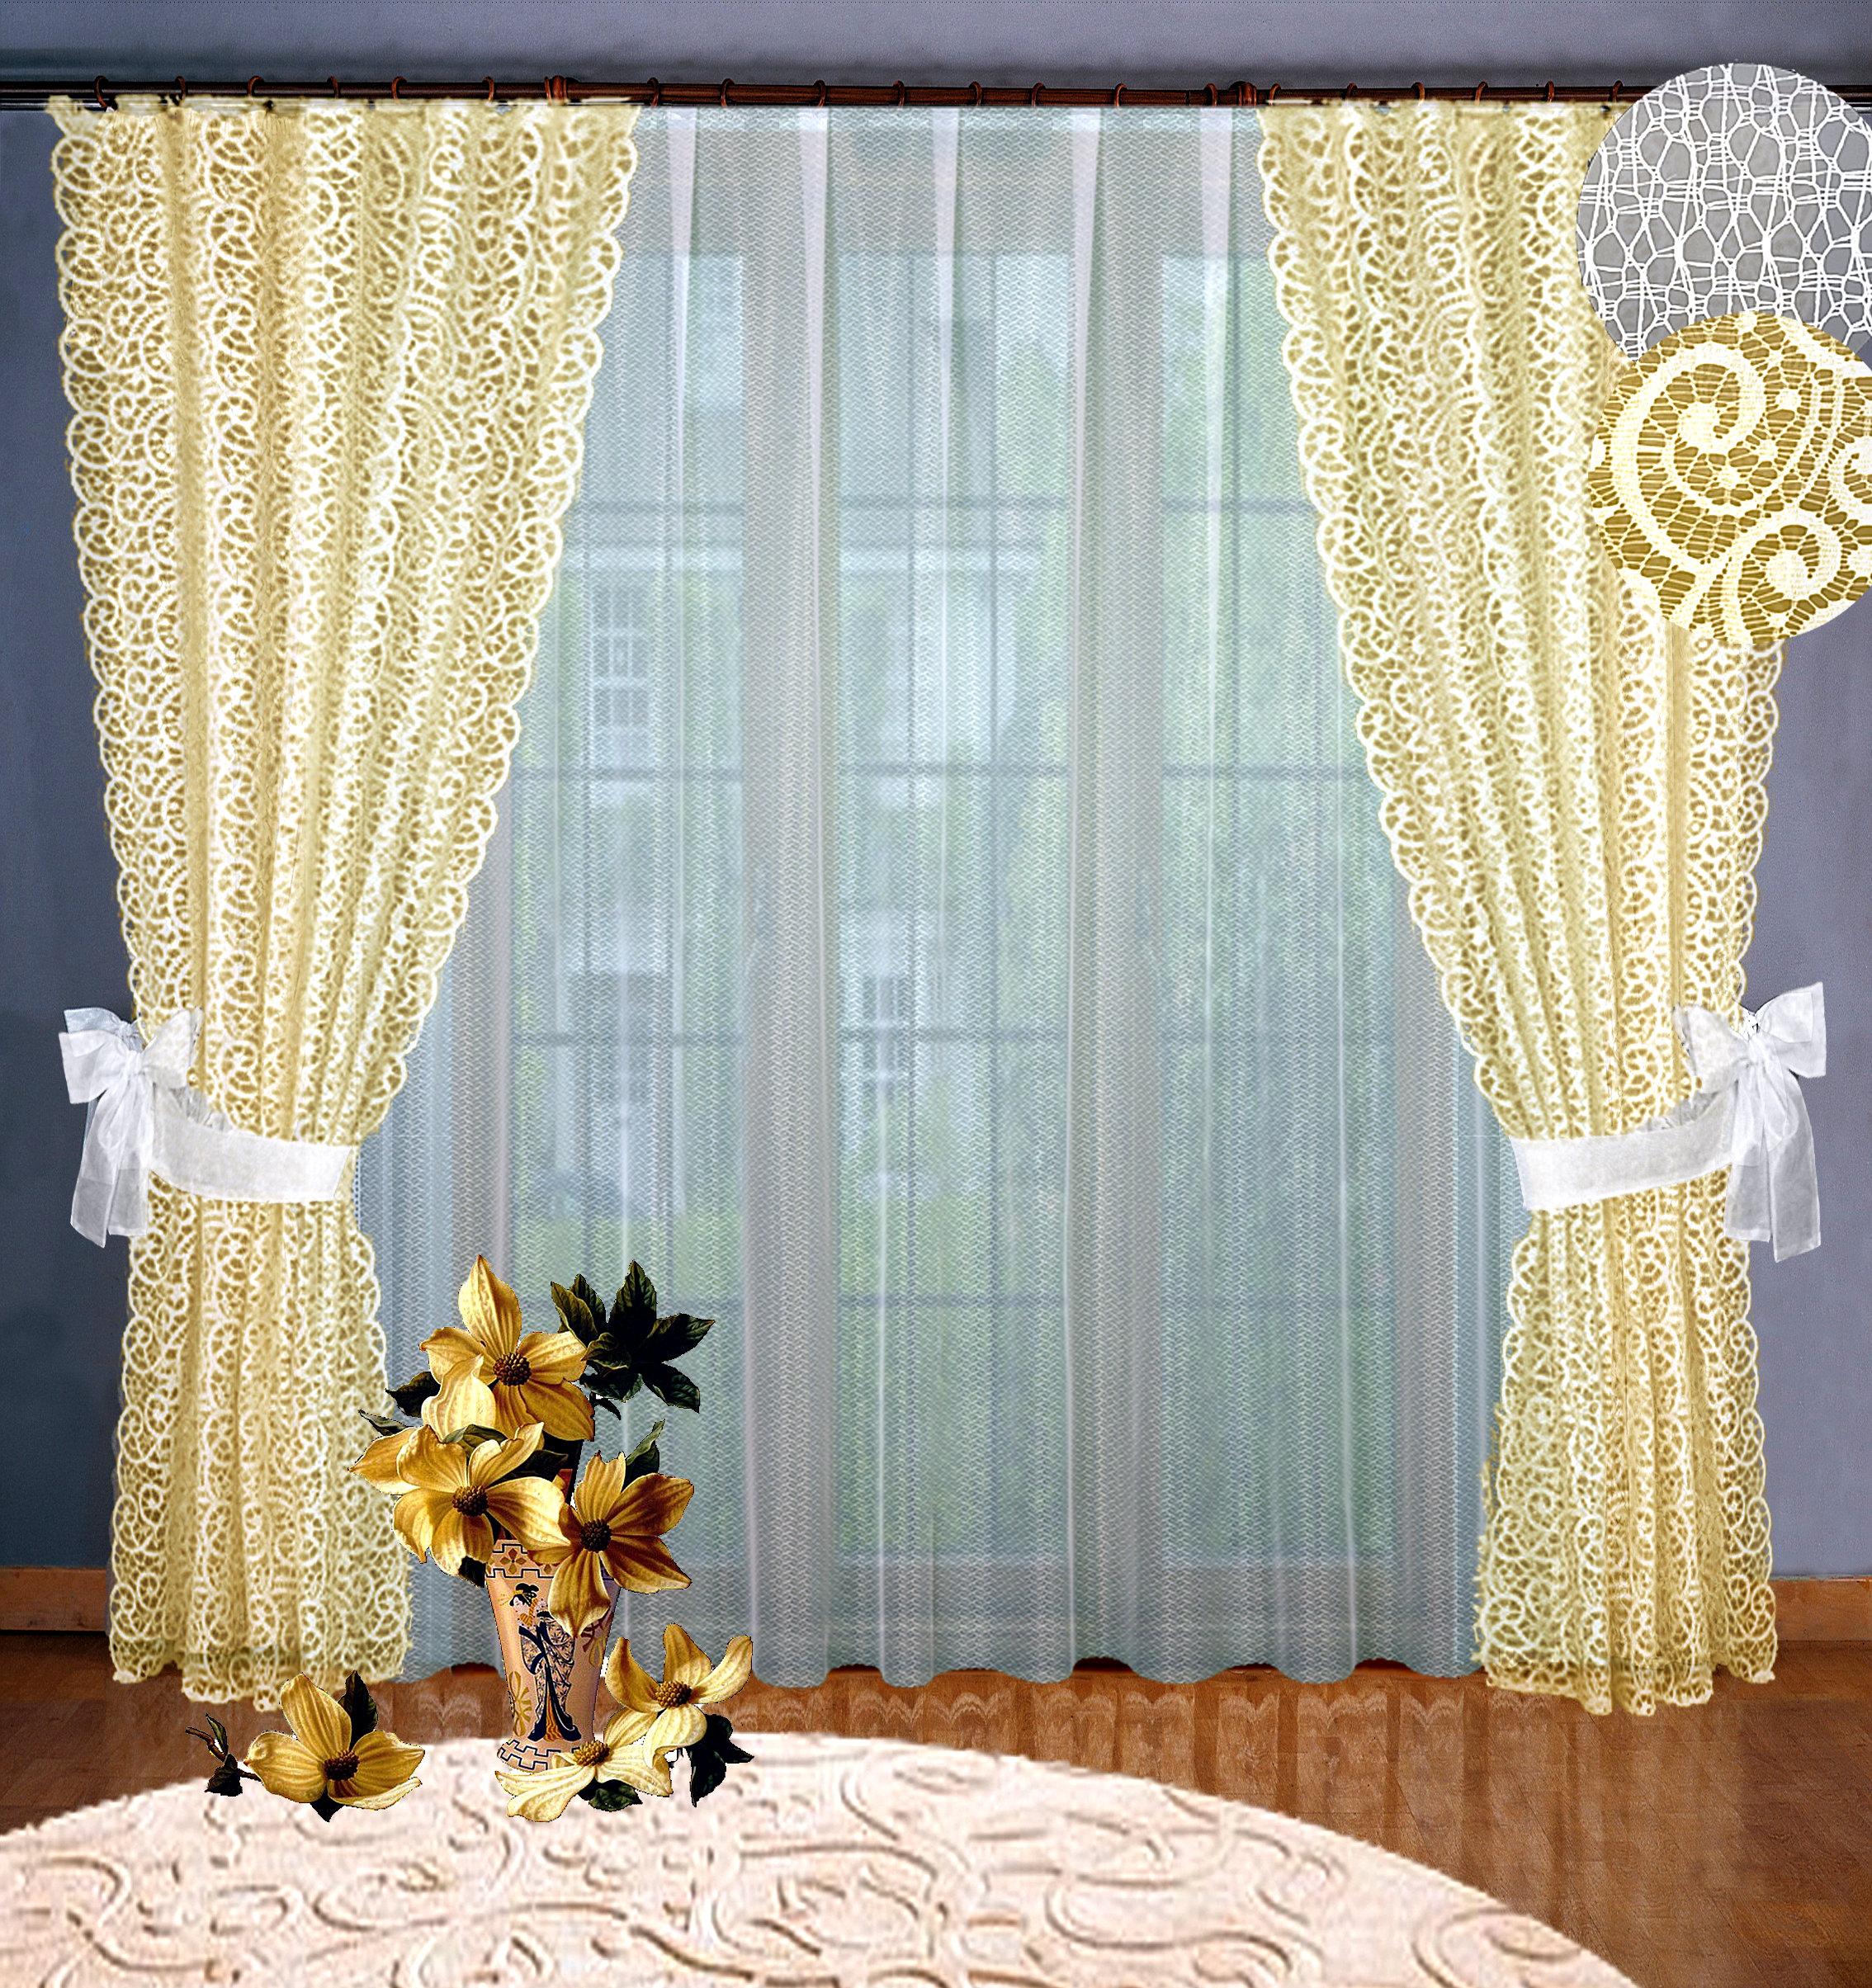 Купить Шторы Elegante, Классические шторы Carroll Цвет: Кремовый, Россия, Тюль, Жаккард